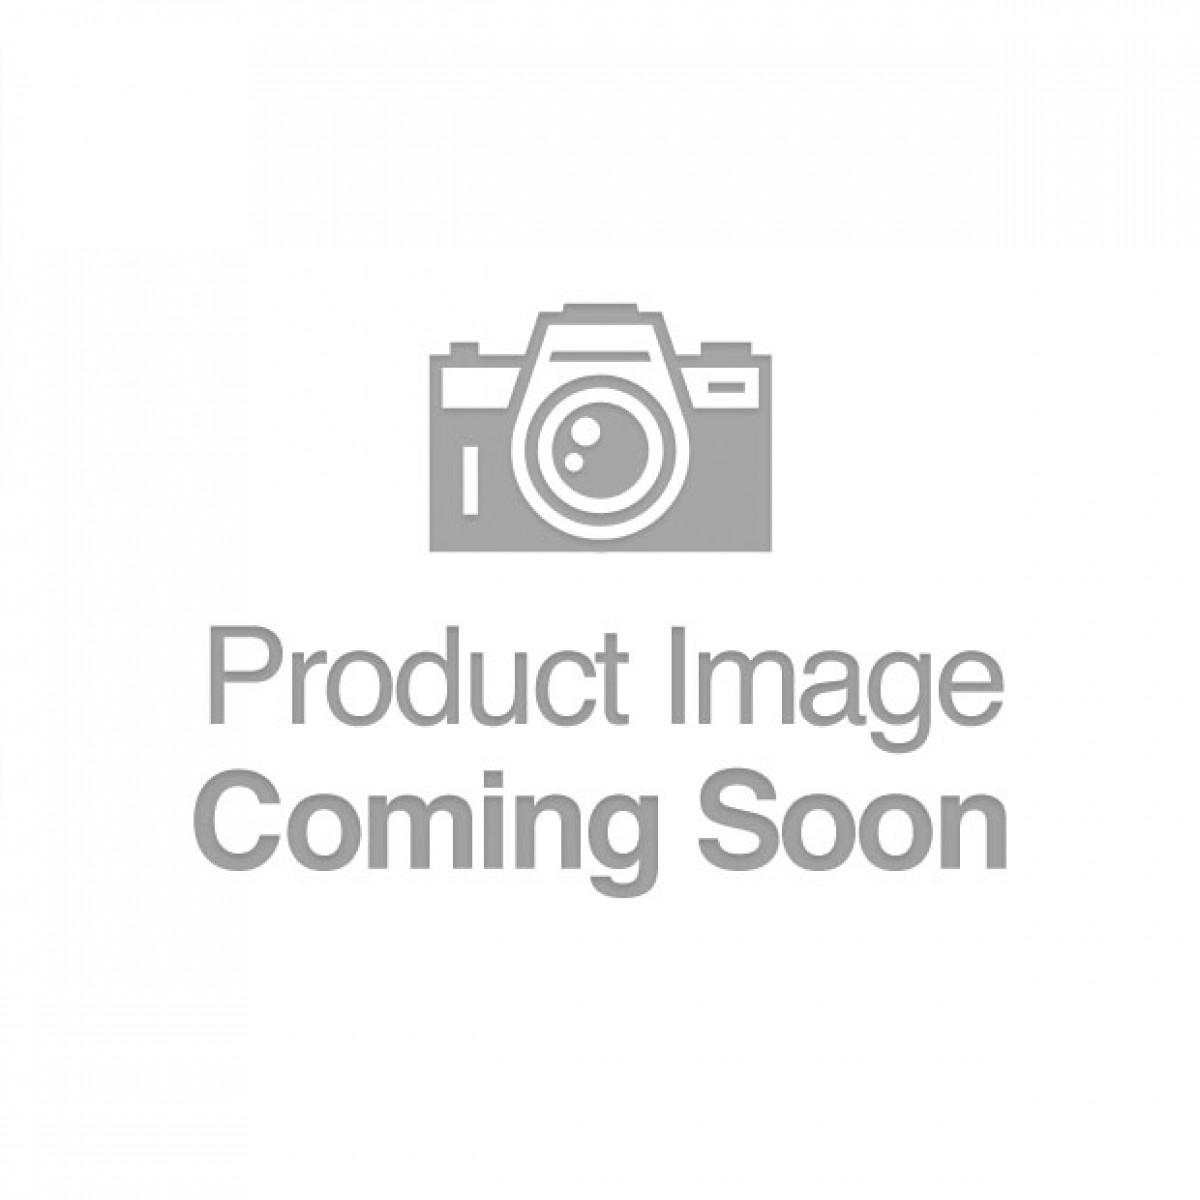 Intimate Earth Chai Massage Oil - 240 Ml Vanilla & Chai